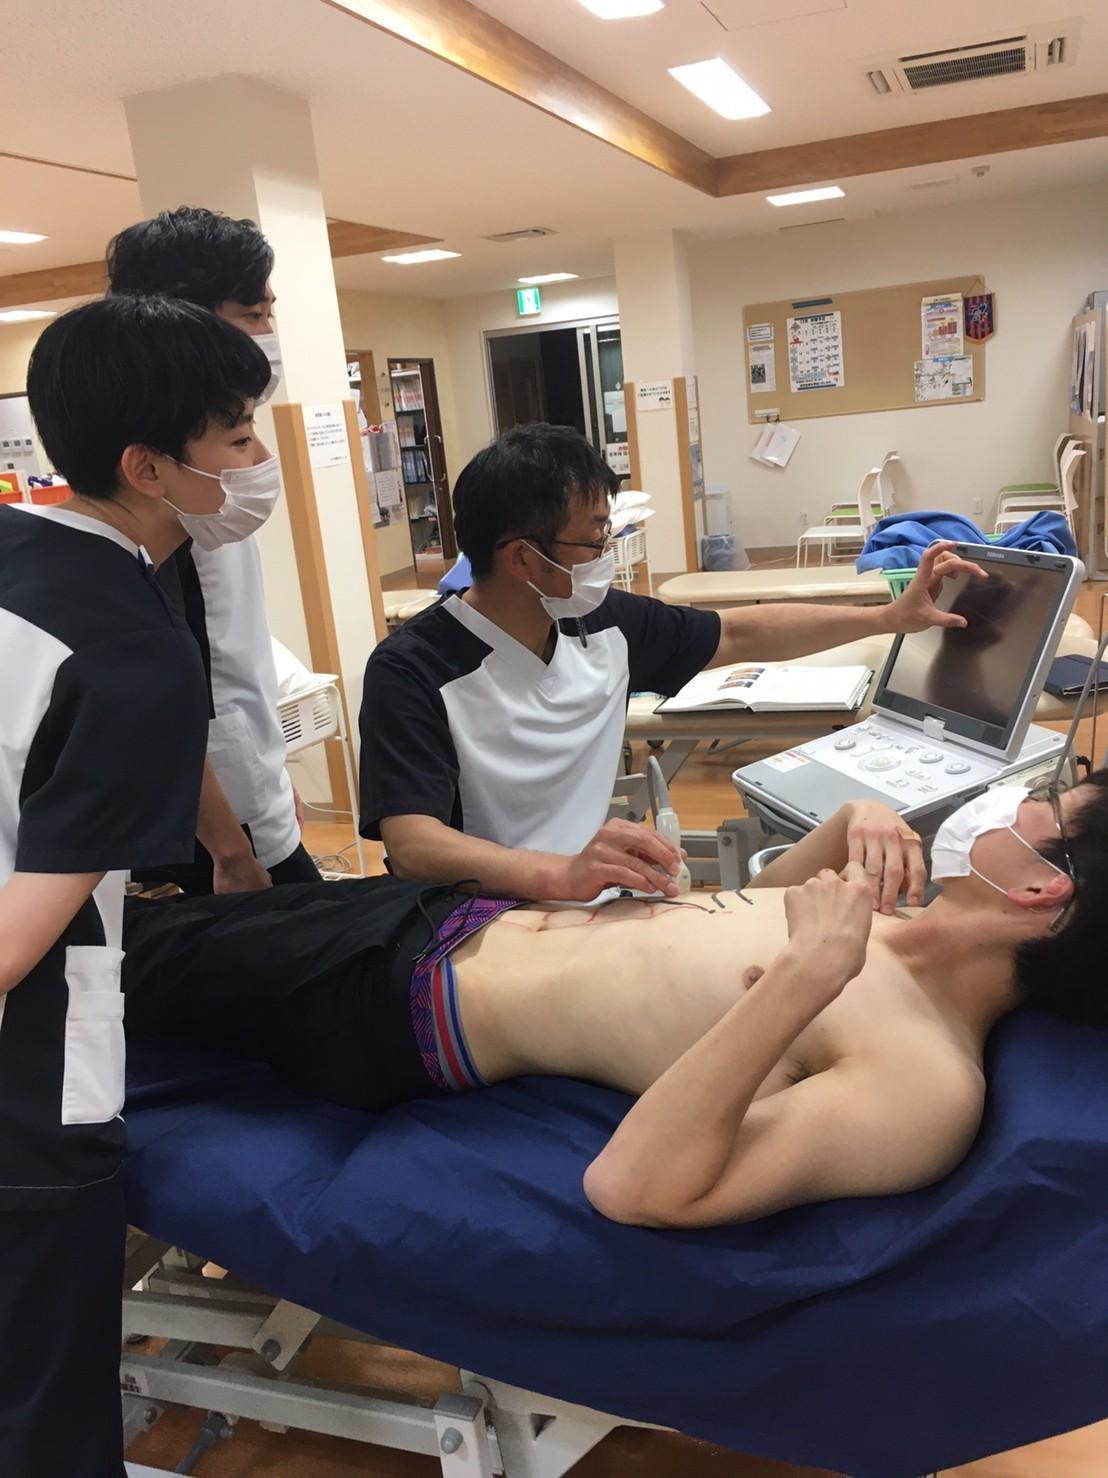 第185回TOC体表解剖勉強会|腹直筋の触察_b0329026_22504902.jpg